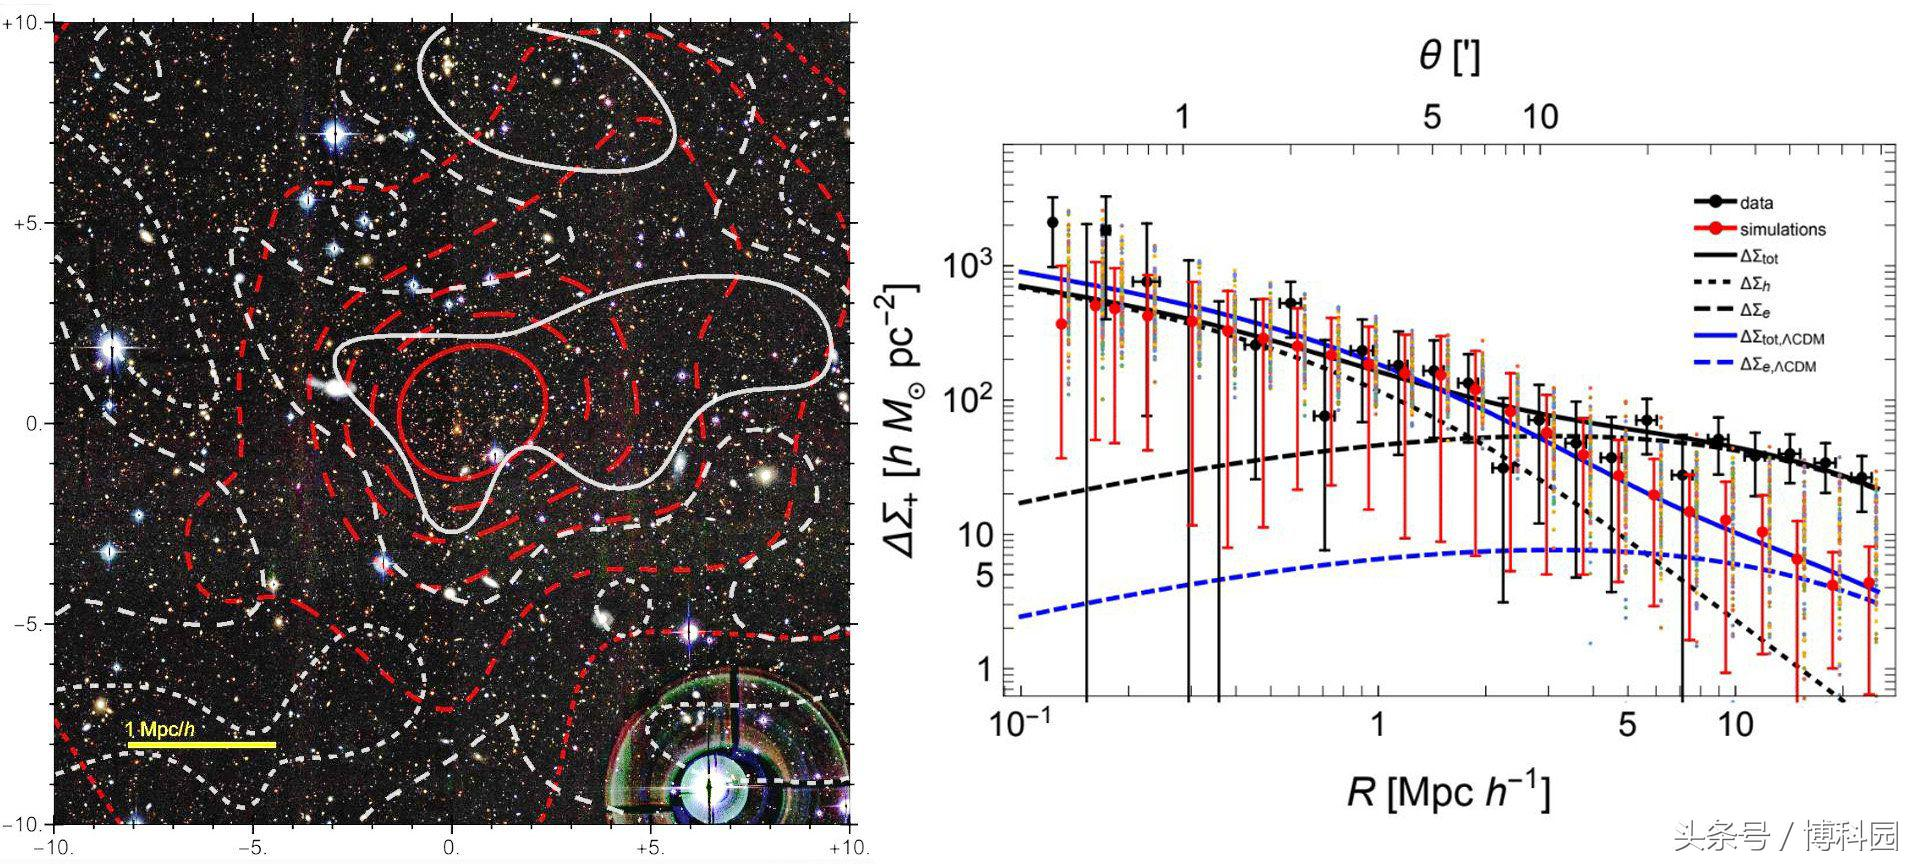 这是宇宙中密度最大的星系团之一